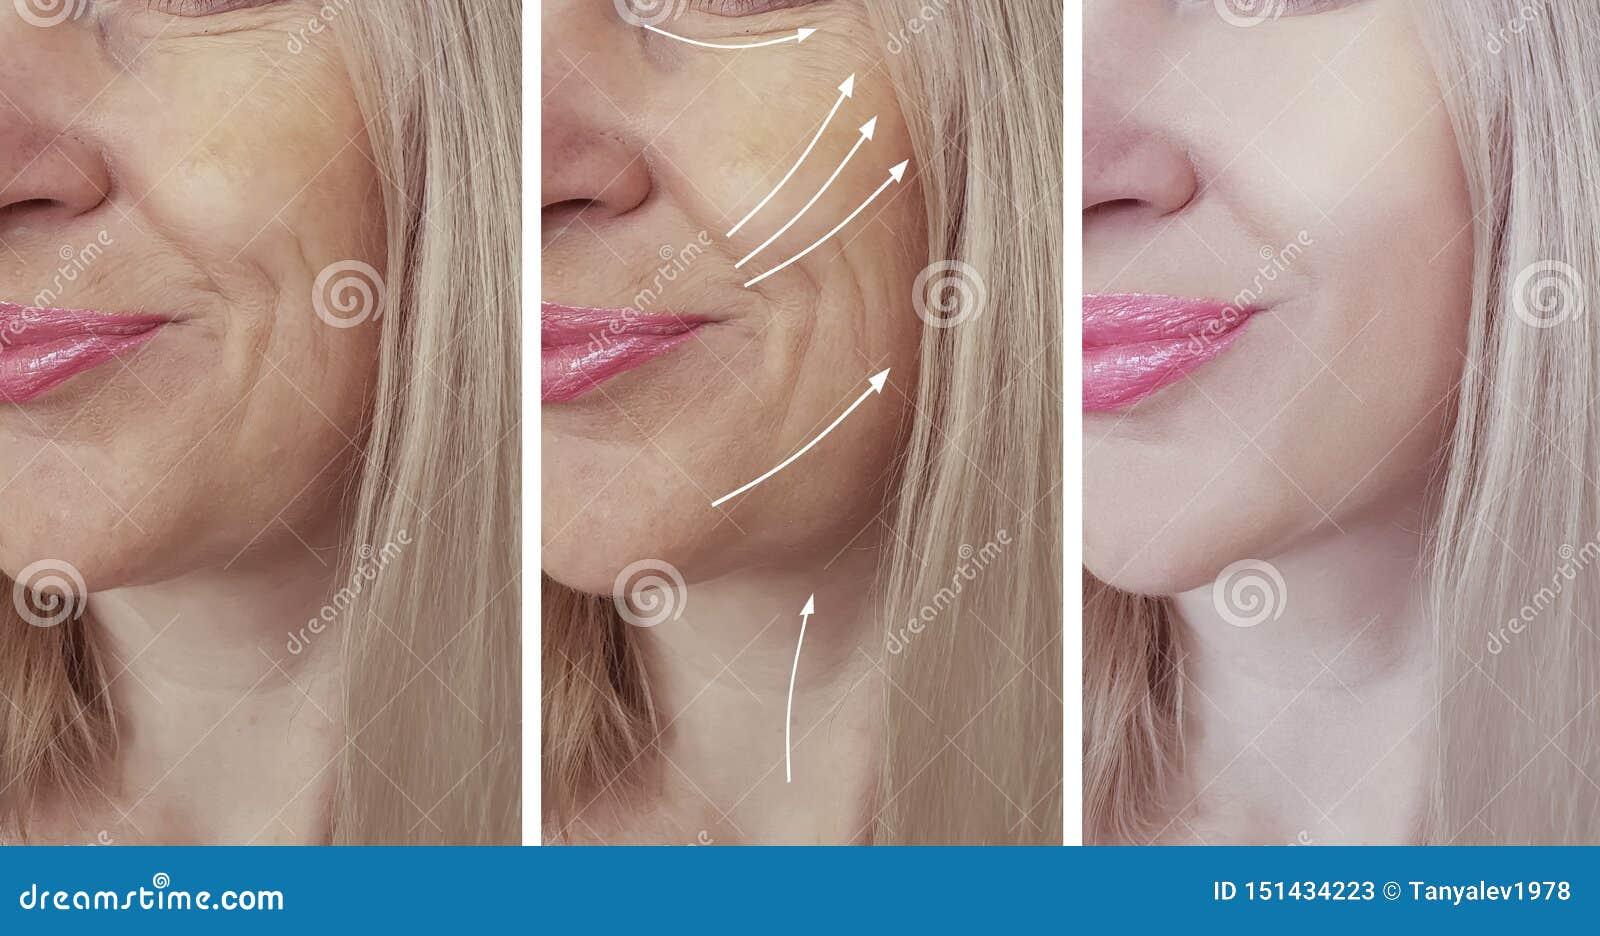 Het gezicht van vrouwenrimpels before and after behandelingscollage